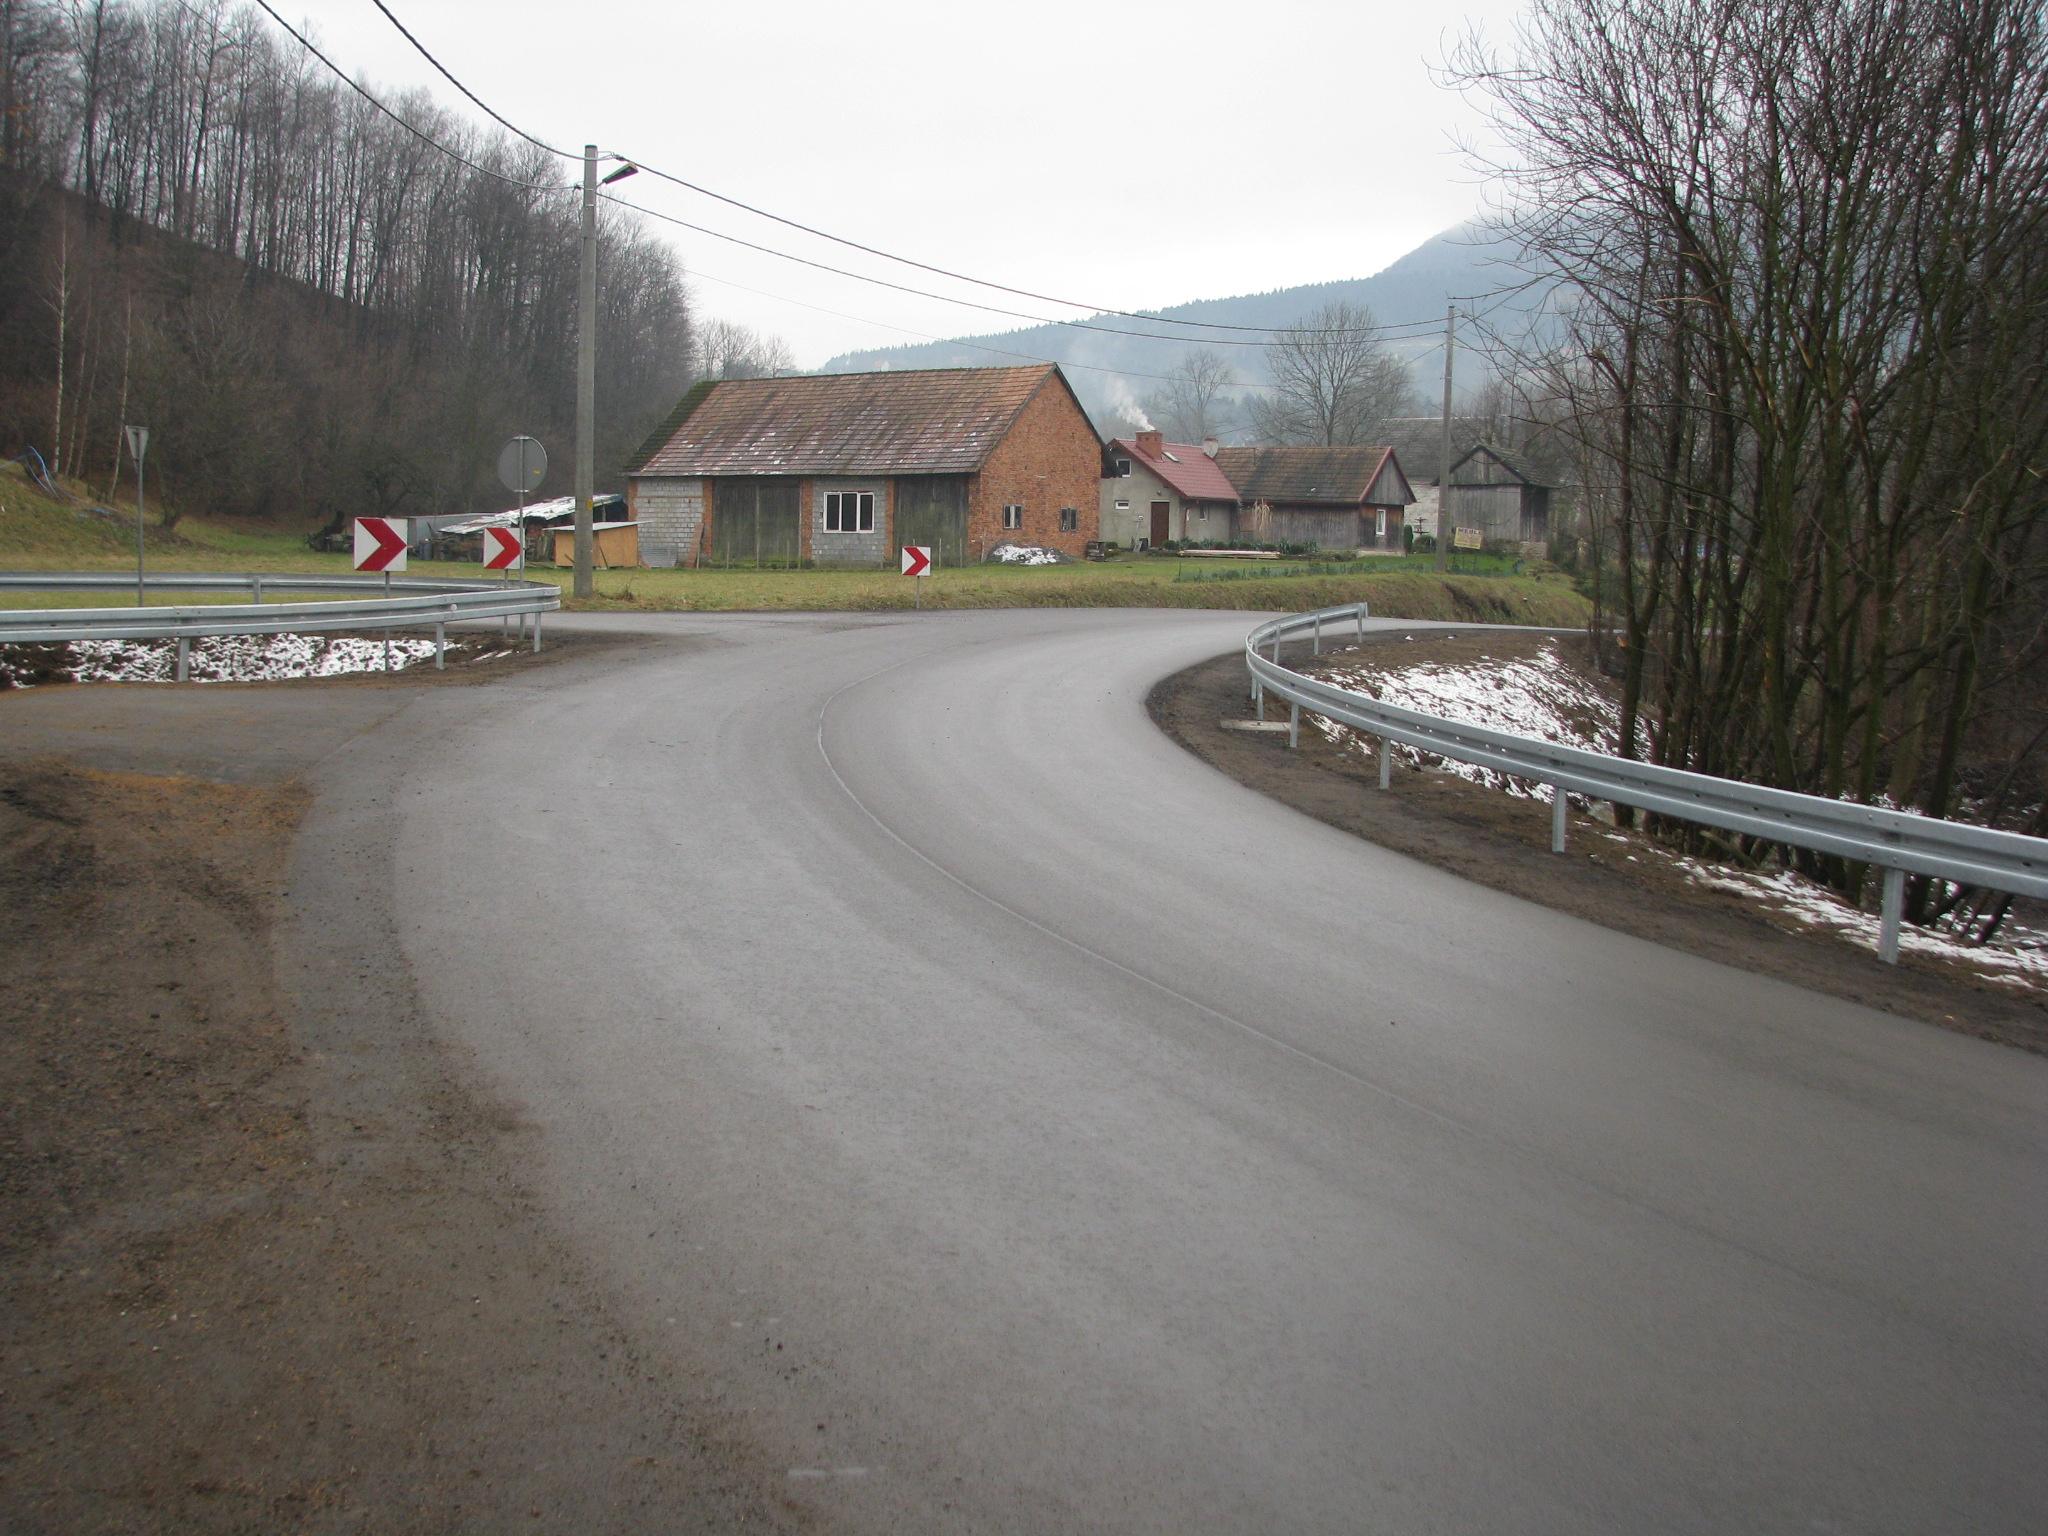 Widok na nową asfaltową poszerzoną jezdnię wraz z poszerzeniem na łukudrogi i poboczem